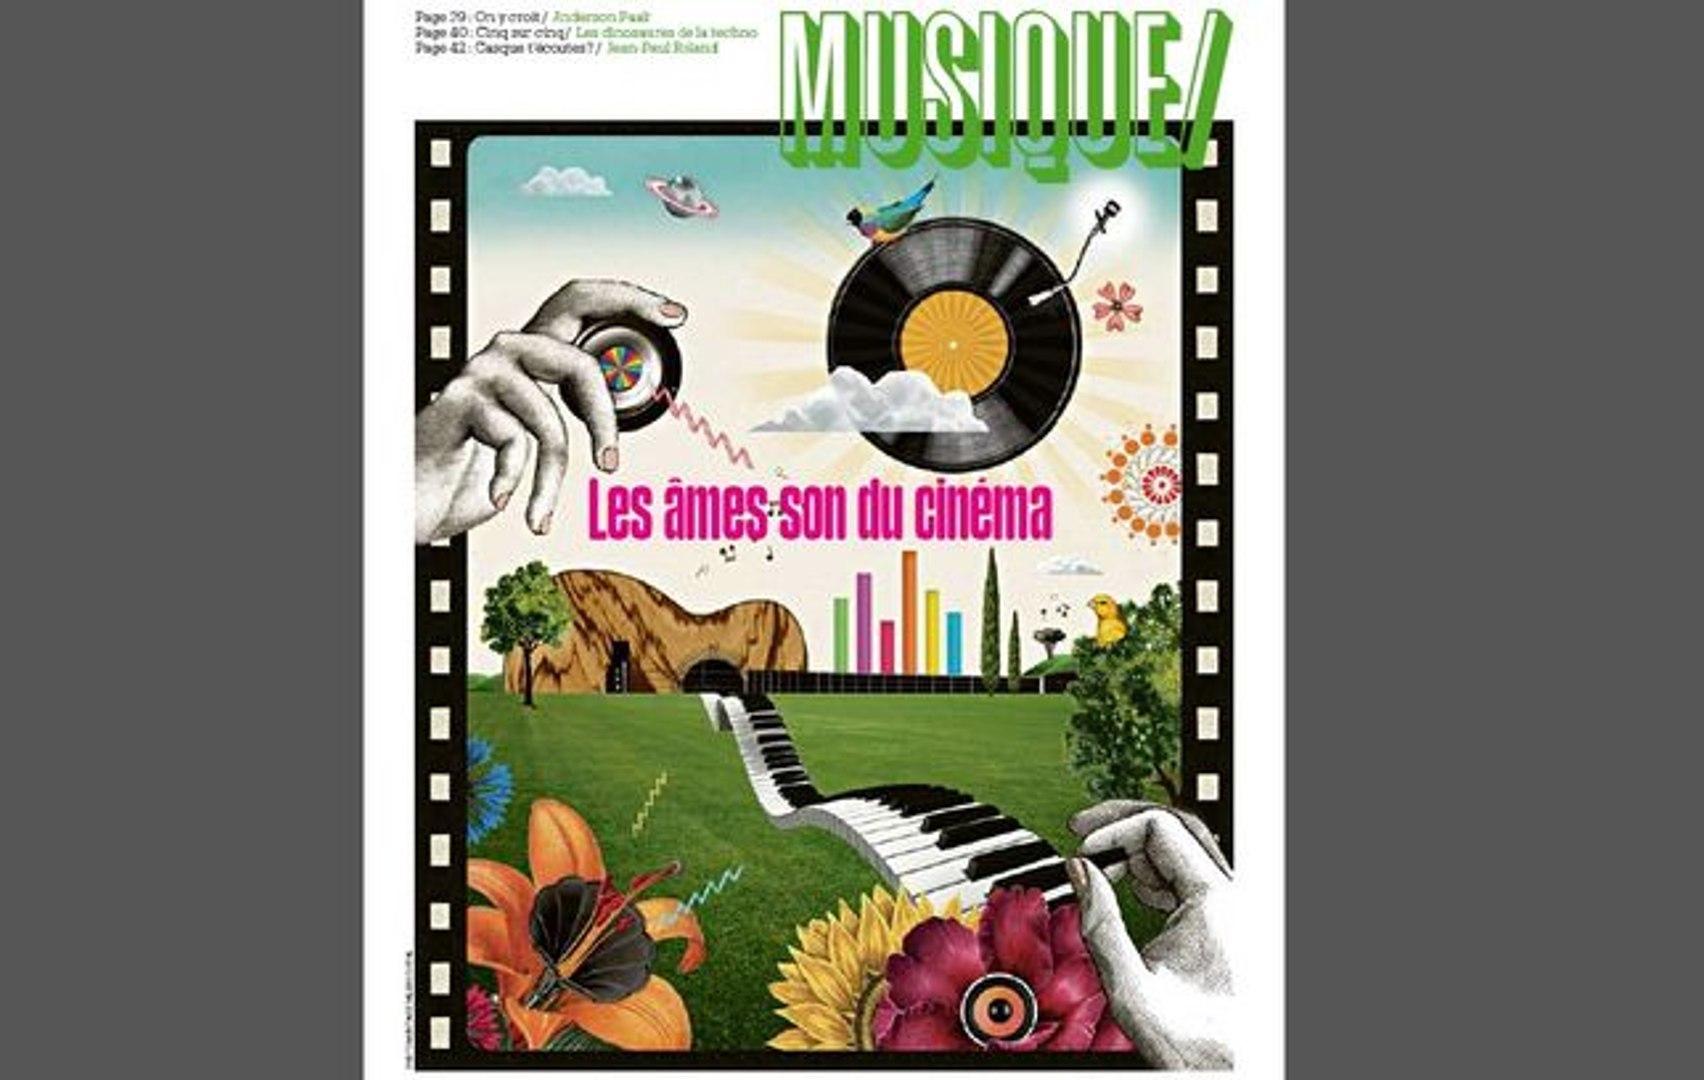 La playlist du cahier musique de Libé du 23 janvier 2016